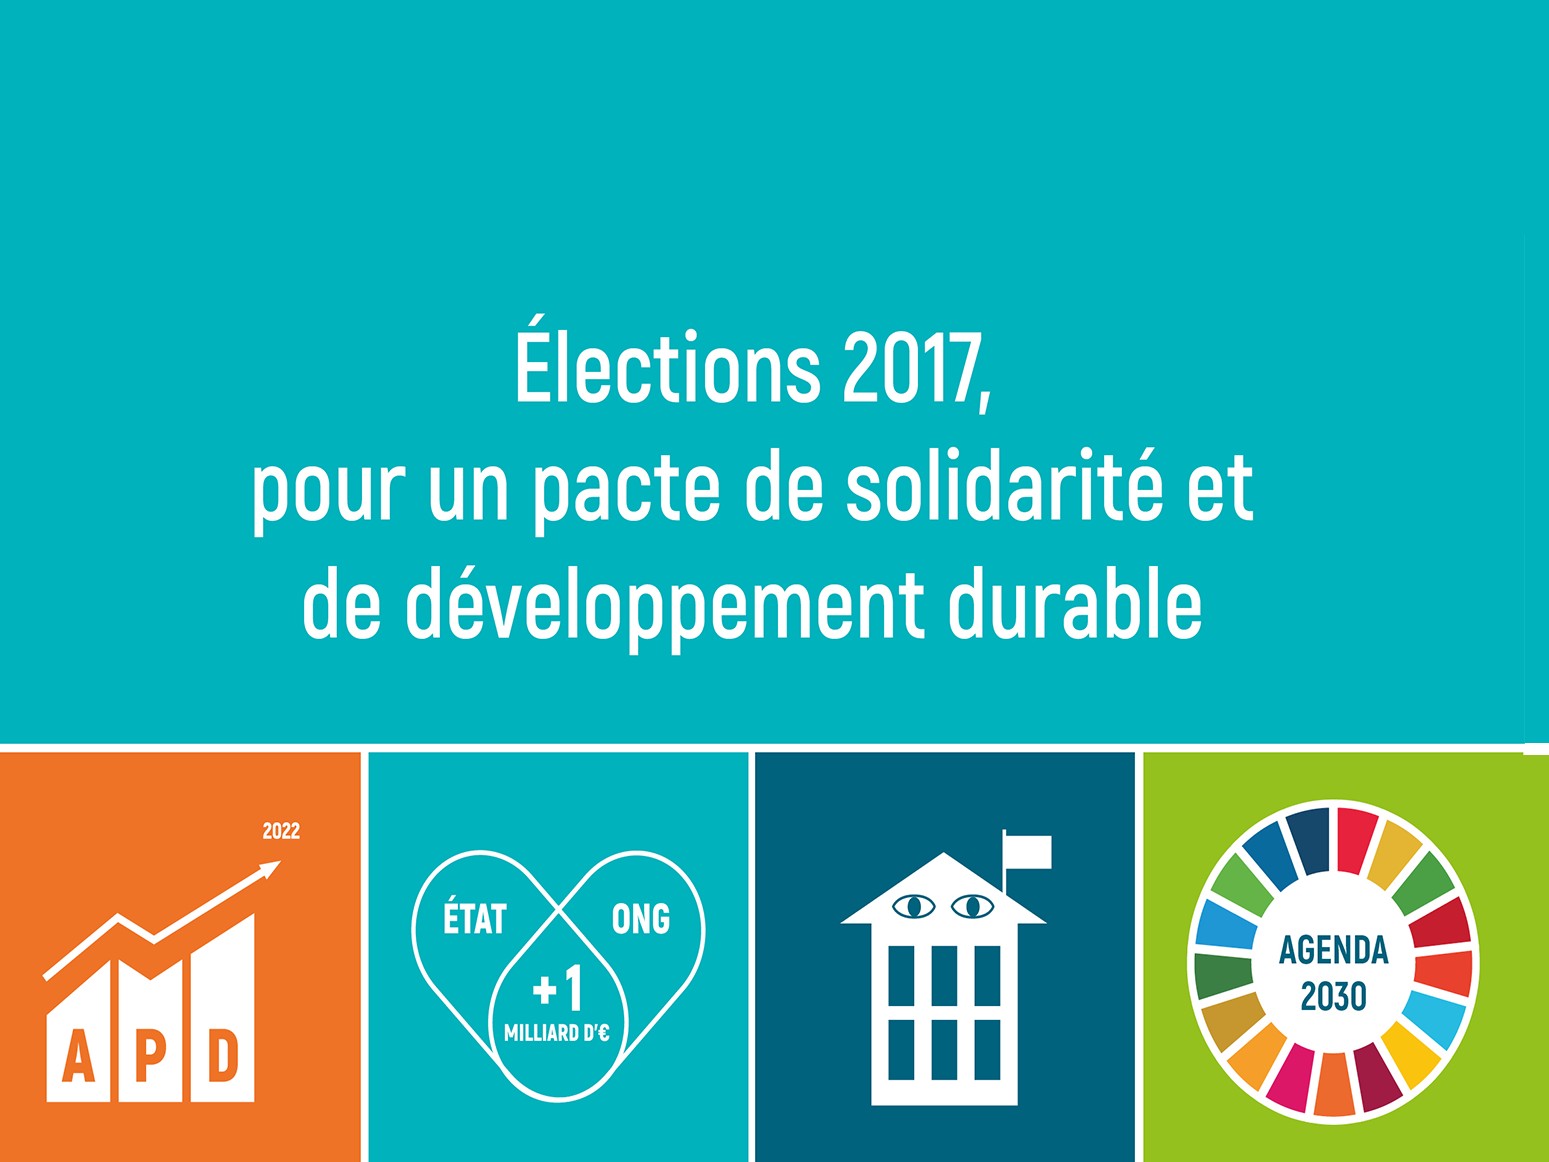 coordination-sud-membres-mobilises-presidentielle-2017